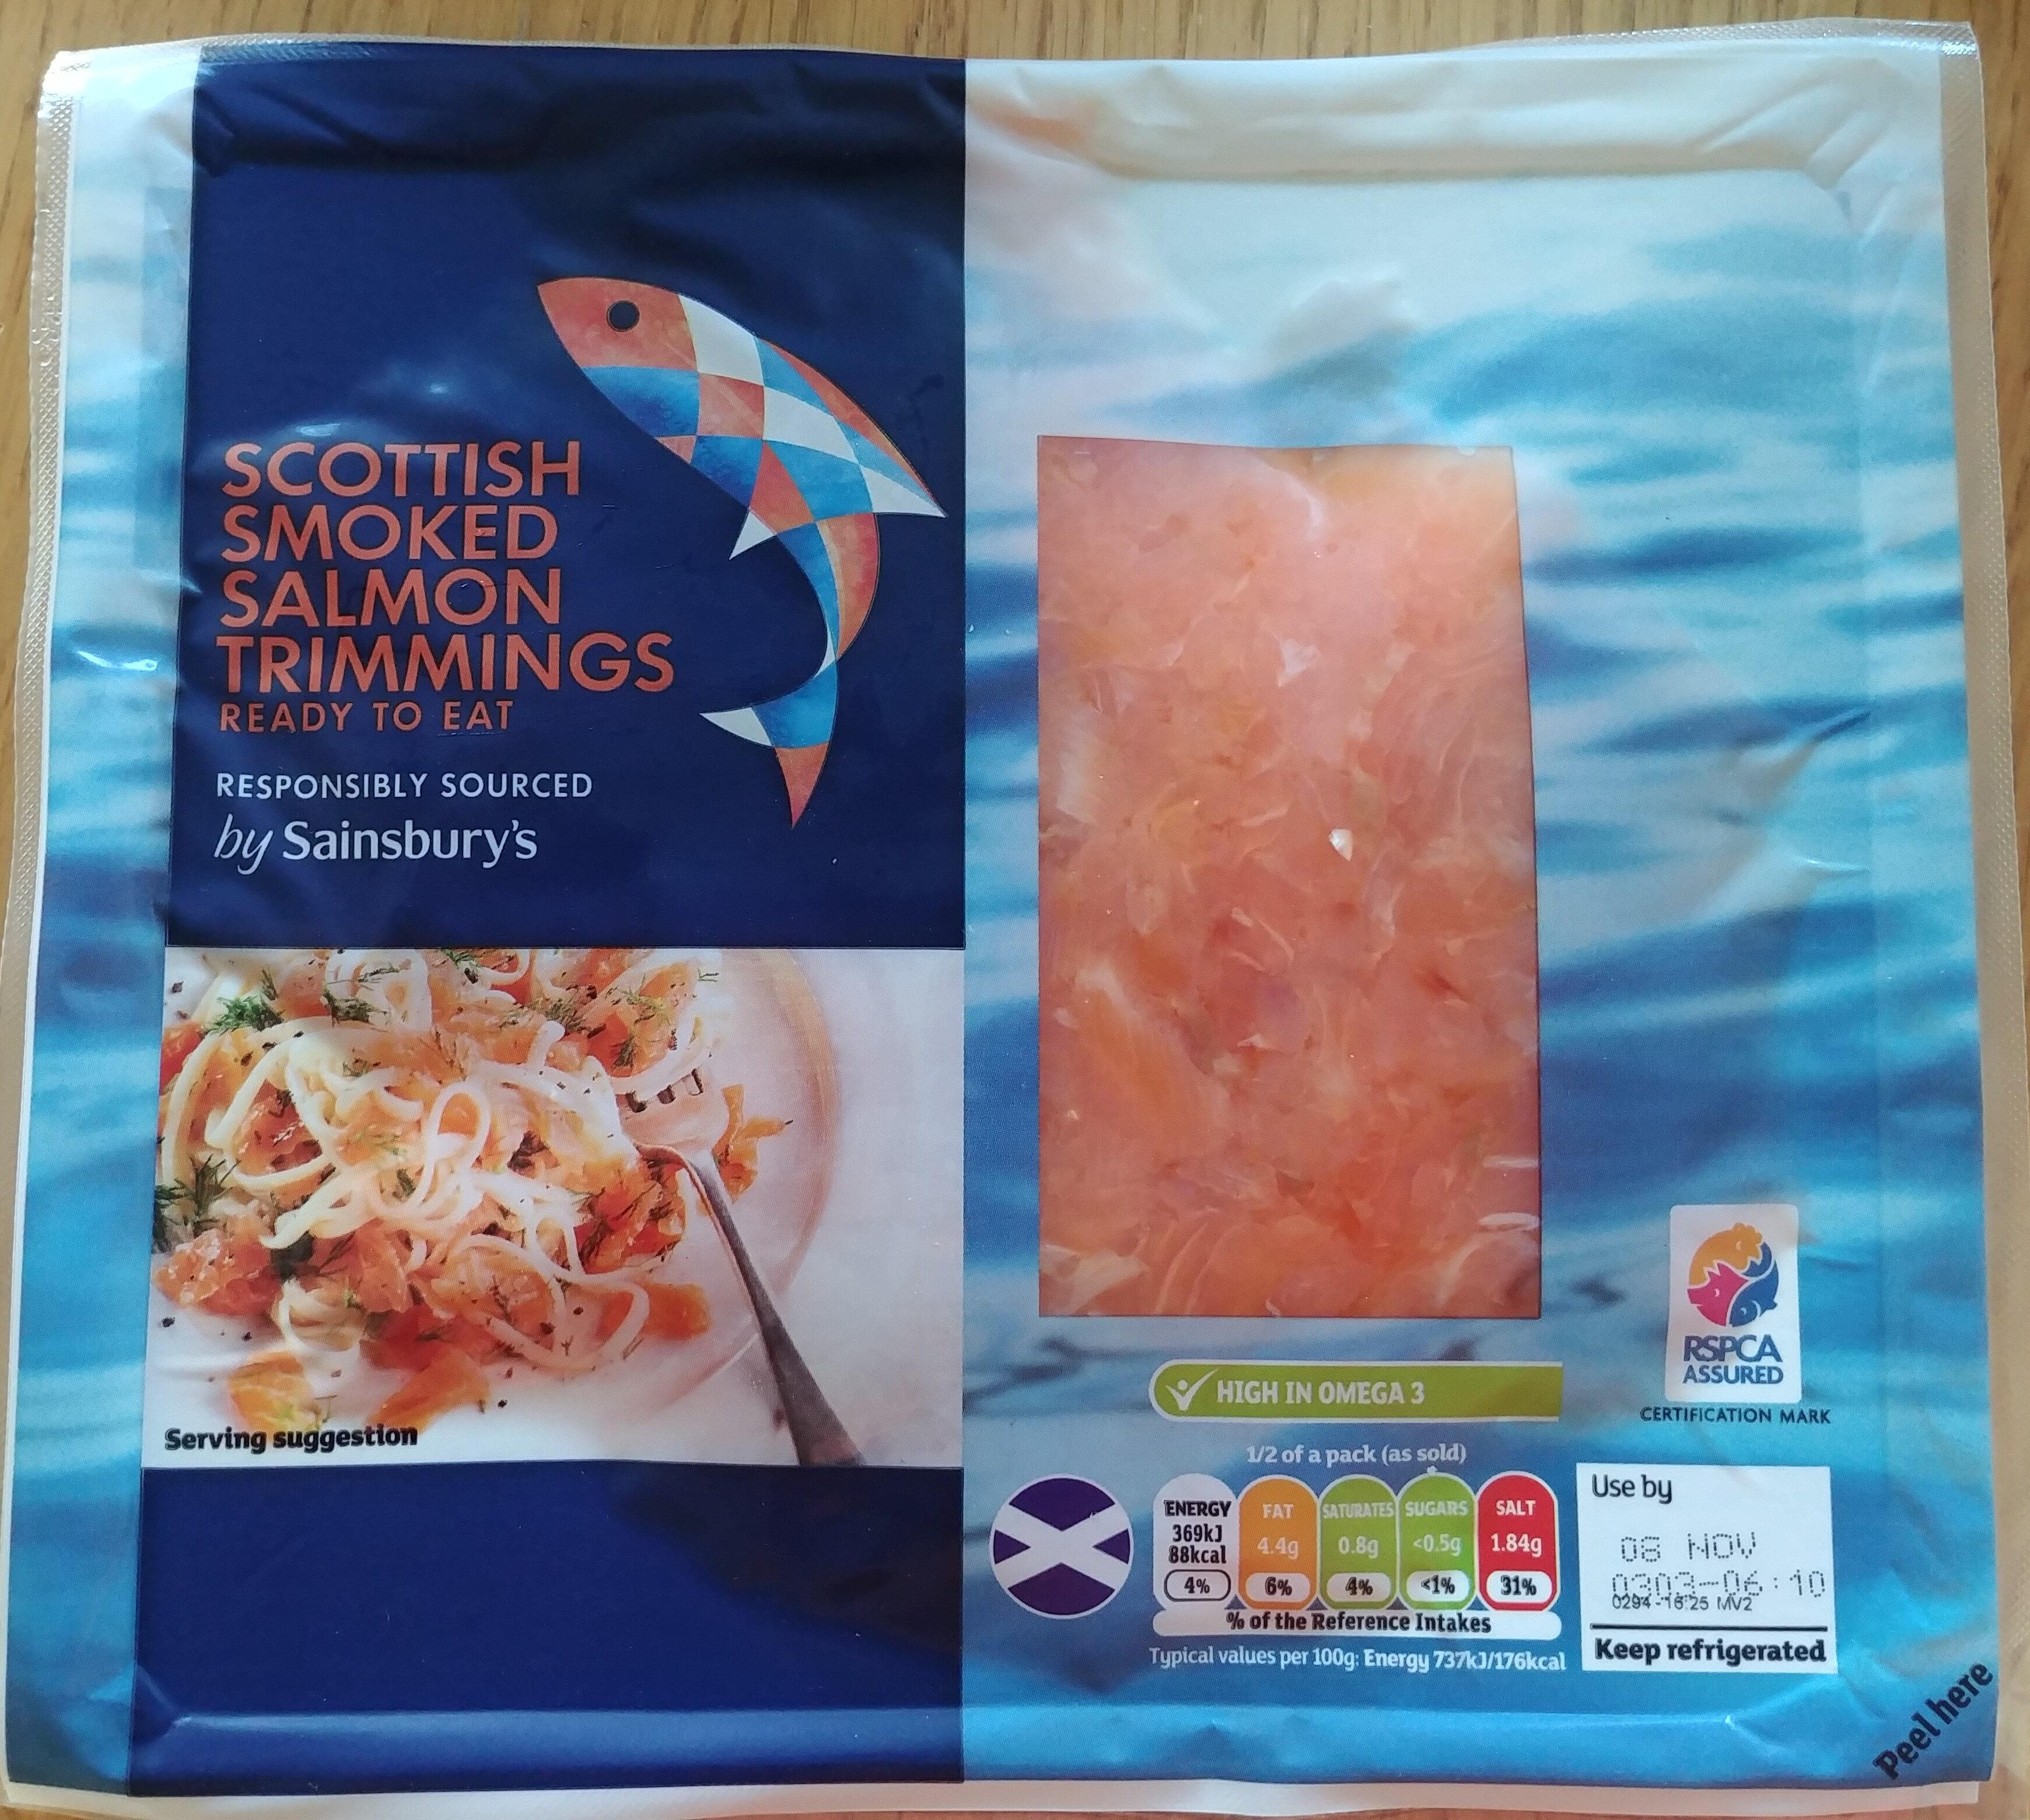 Scottish Smoked Salmon Trimmings - Produit - en